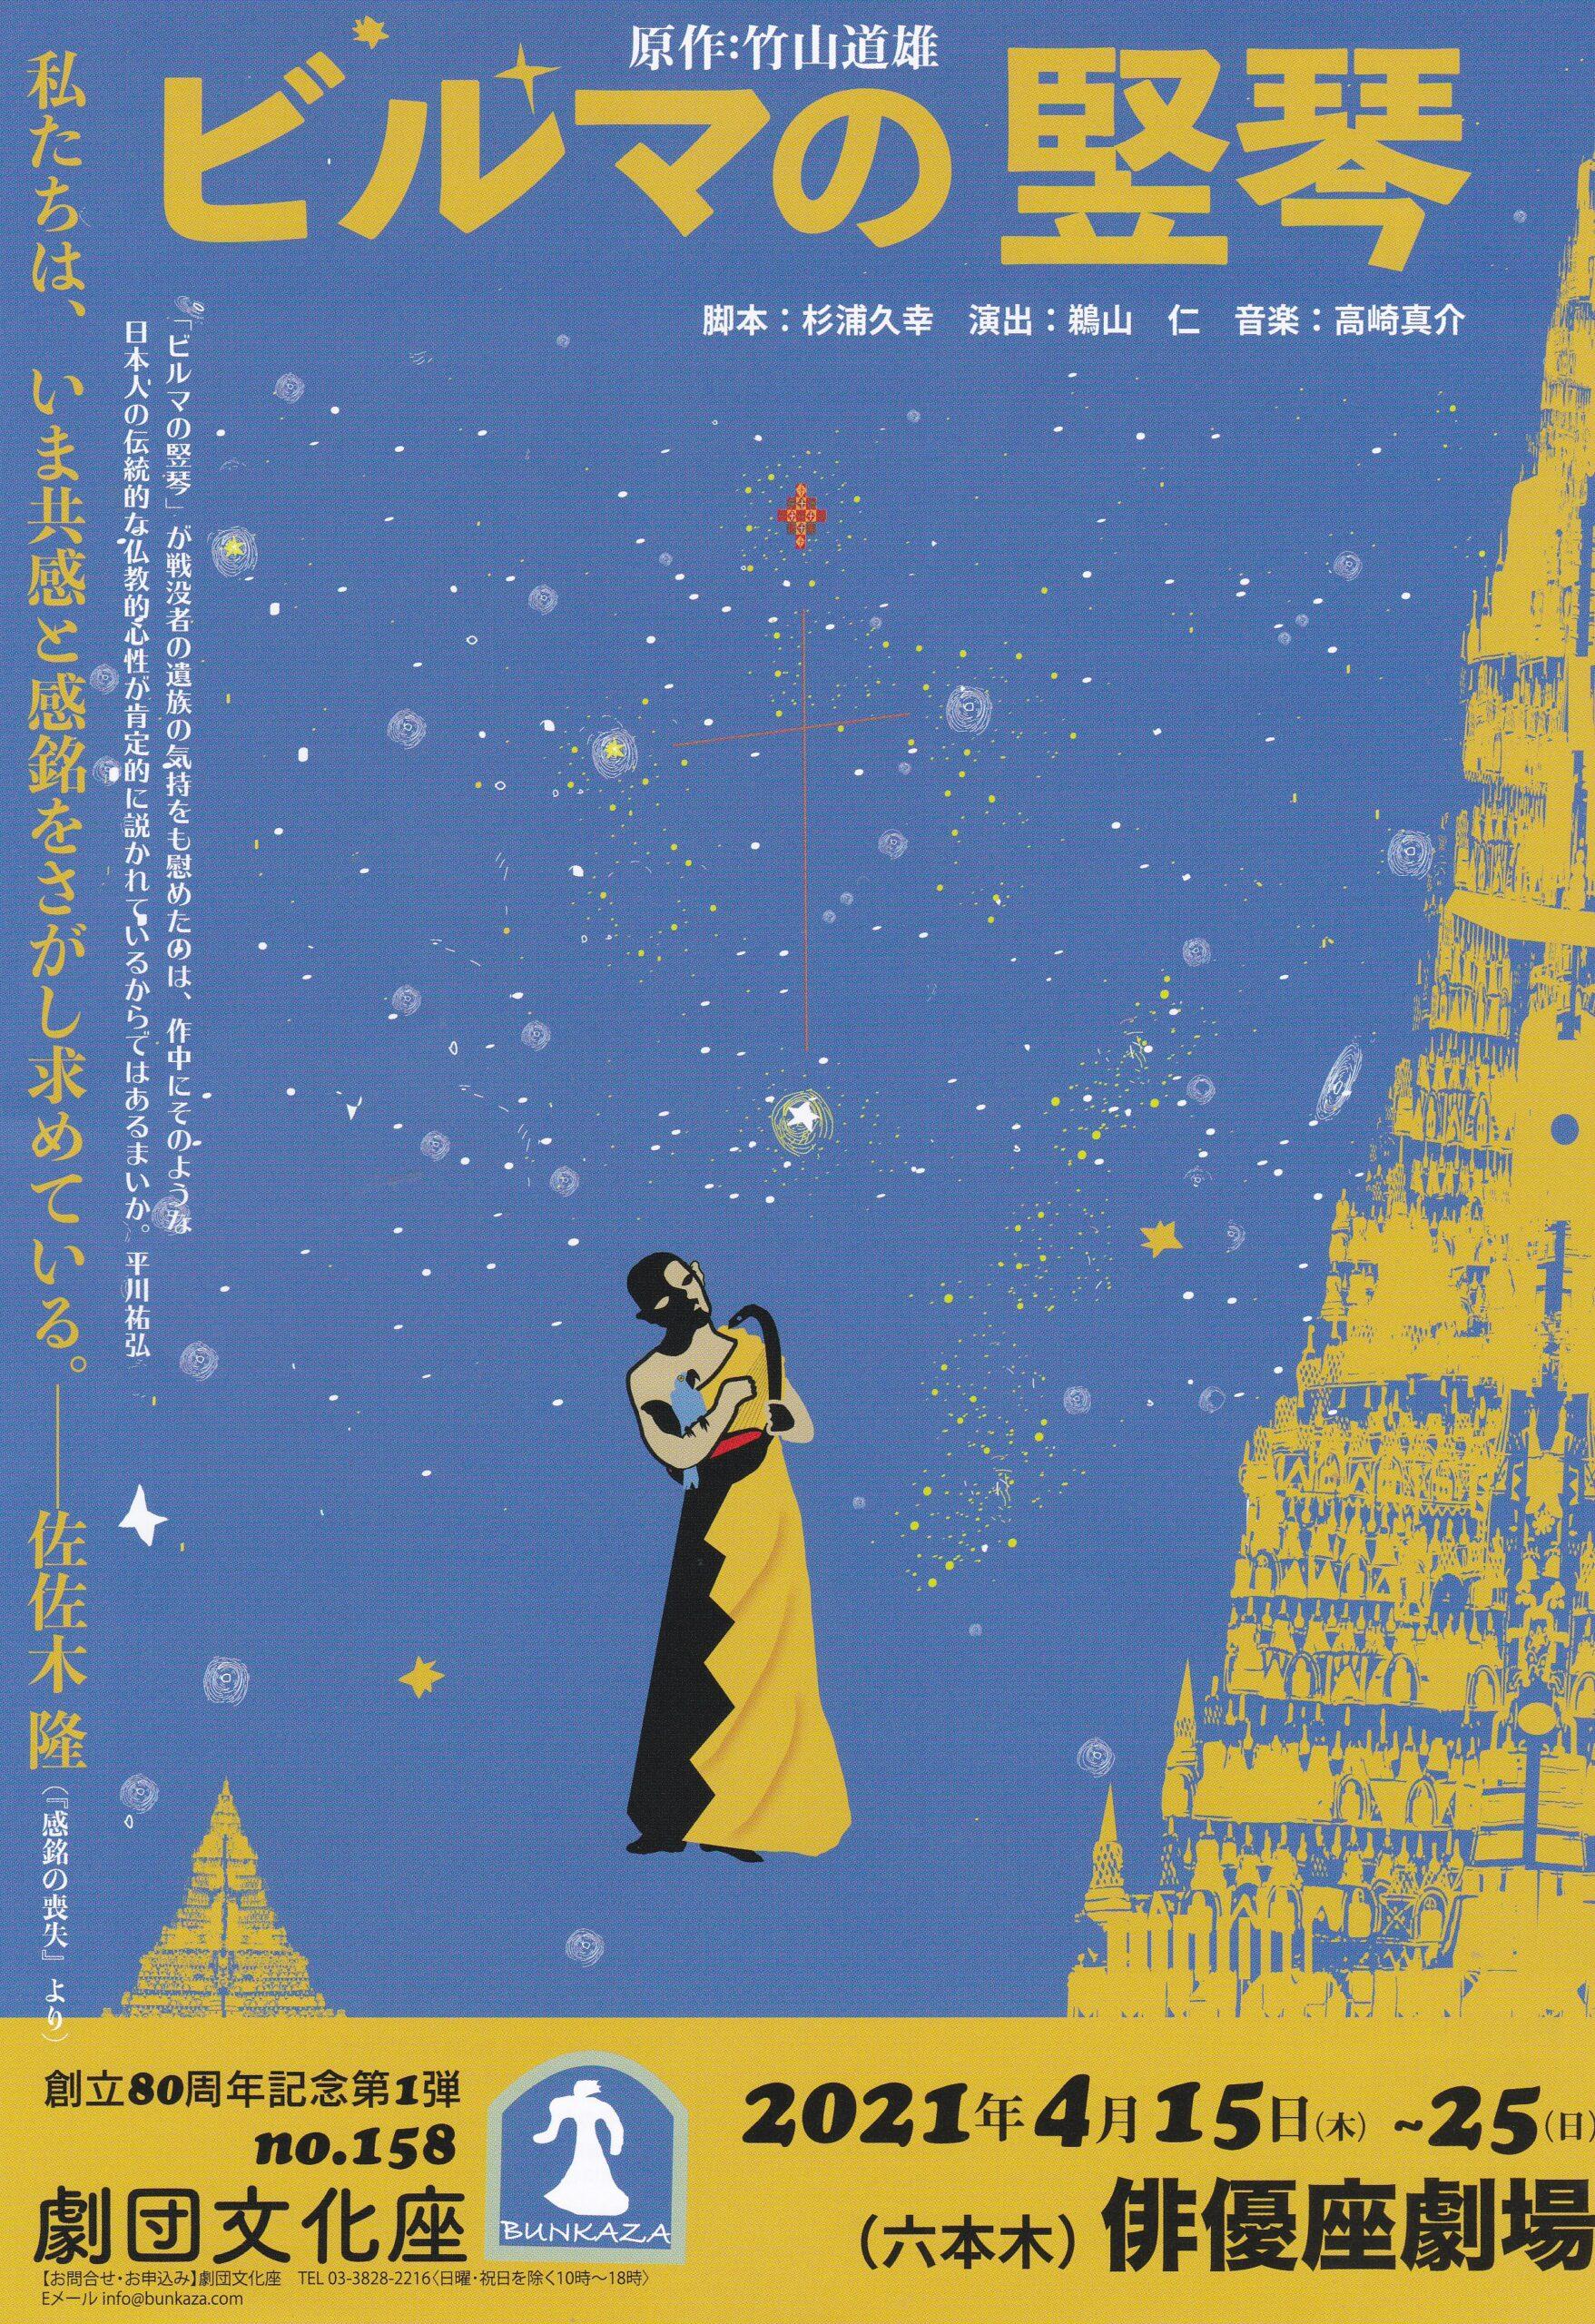 飯塚雅幸・藤間知枝が御世話になっている佐々木愛さんの文化座が「ビルマの竪琴」を公演します。